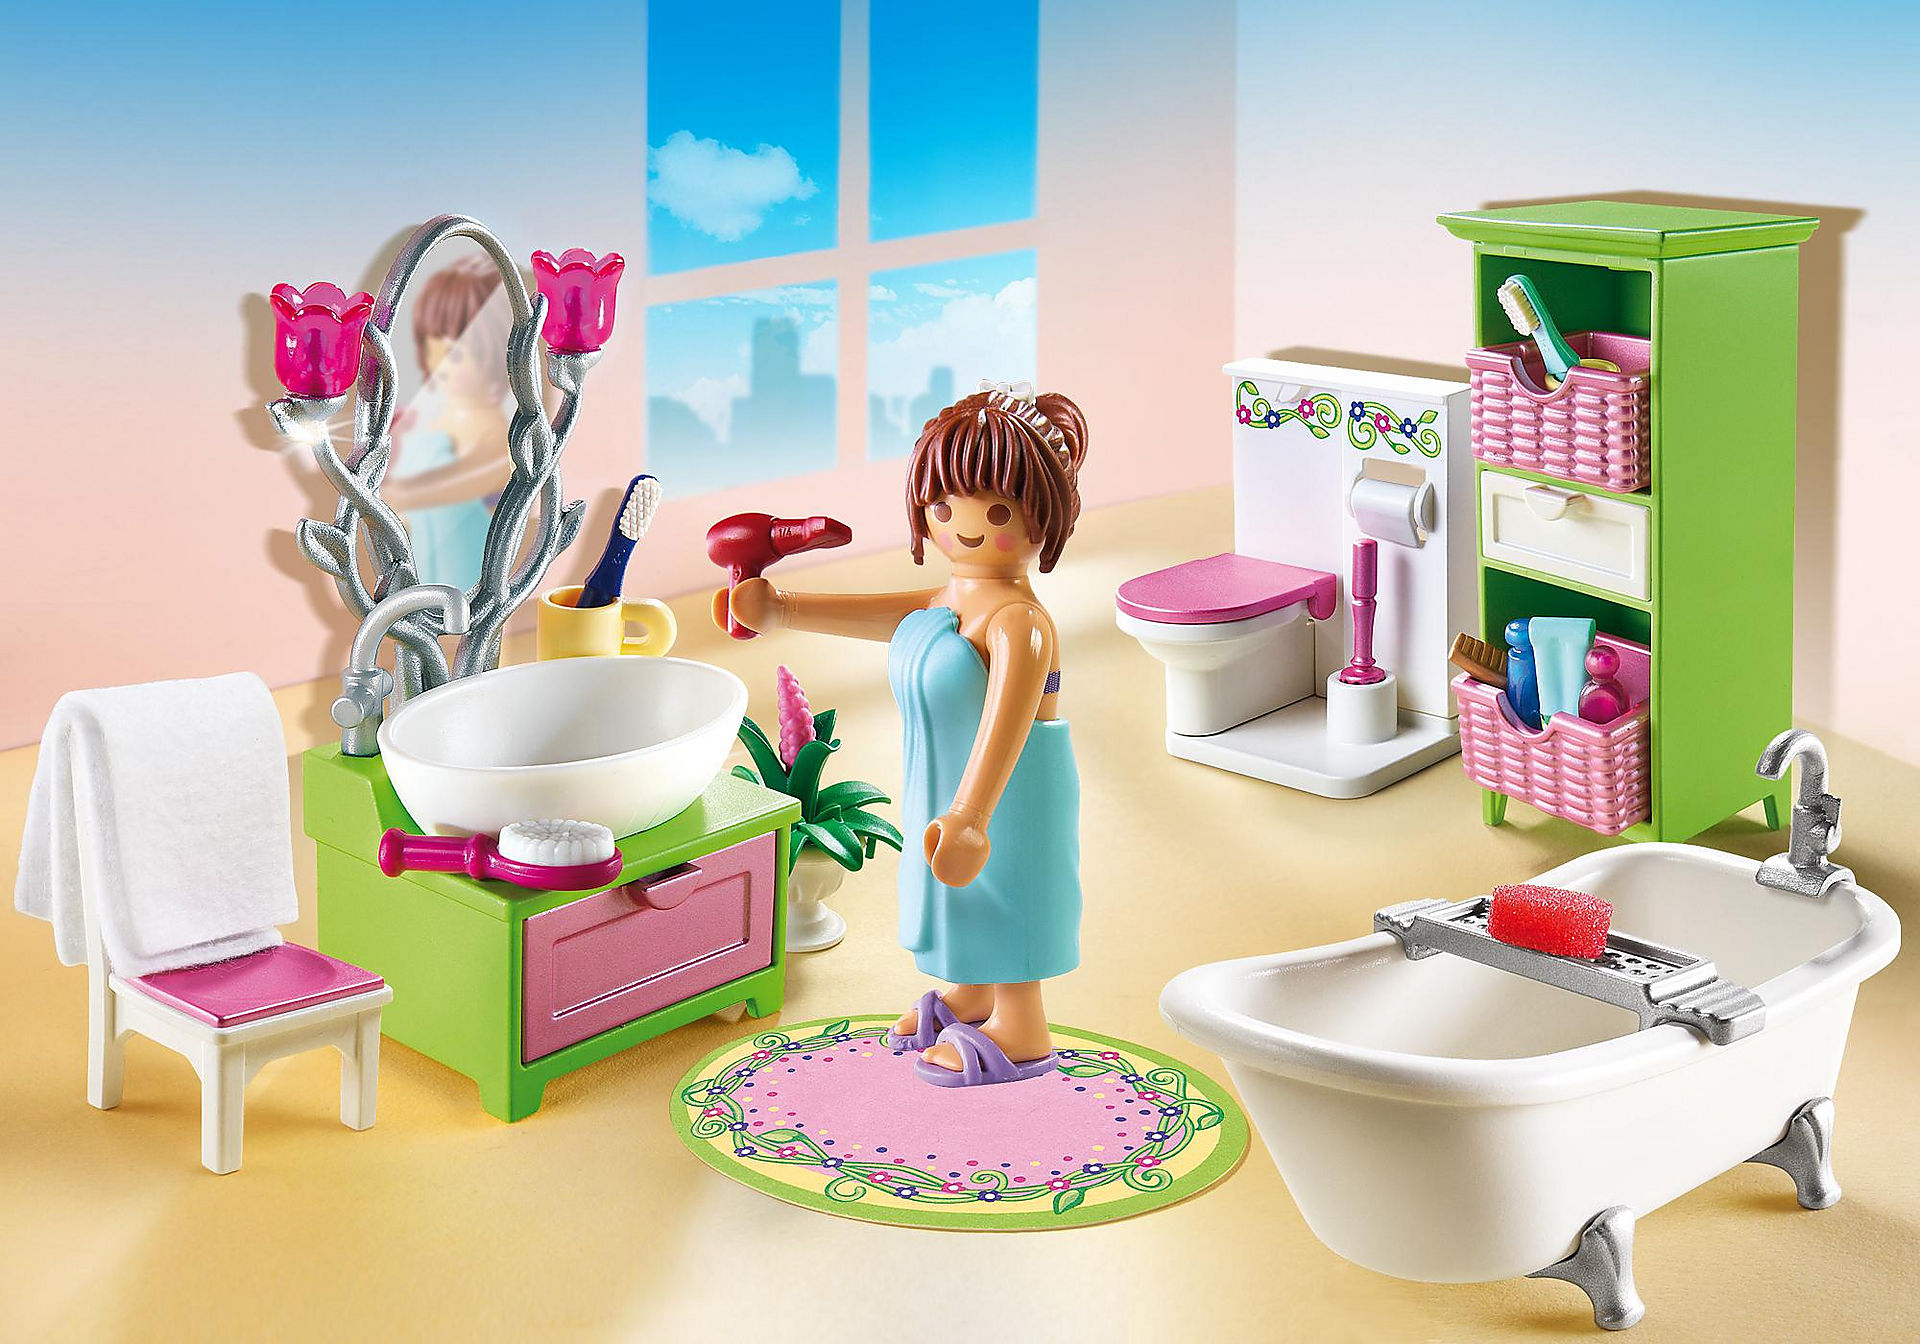 http://media.playmobil.com/i/playmobil/5307_product_detail/Romantik-Bad